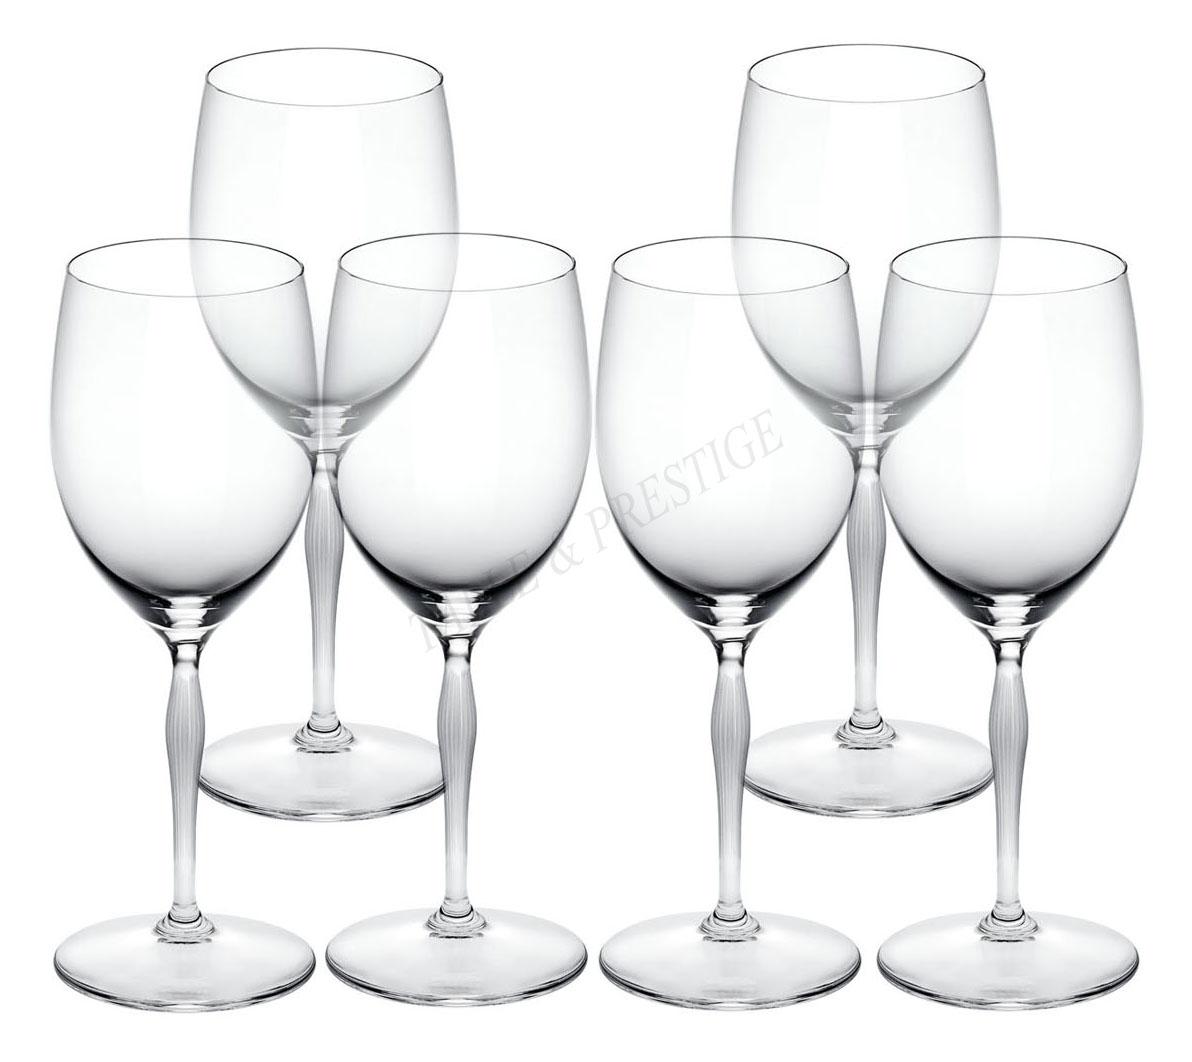 verre lalique 100 points verre a eau 10331700. Black Bedroom Furniture Sets. Home Design Ideas